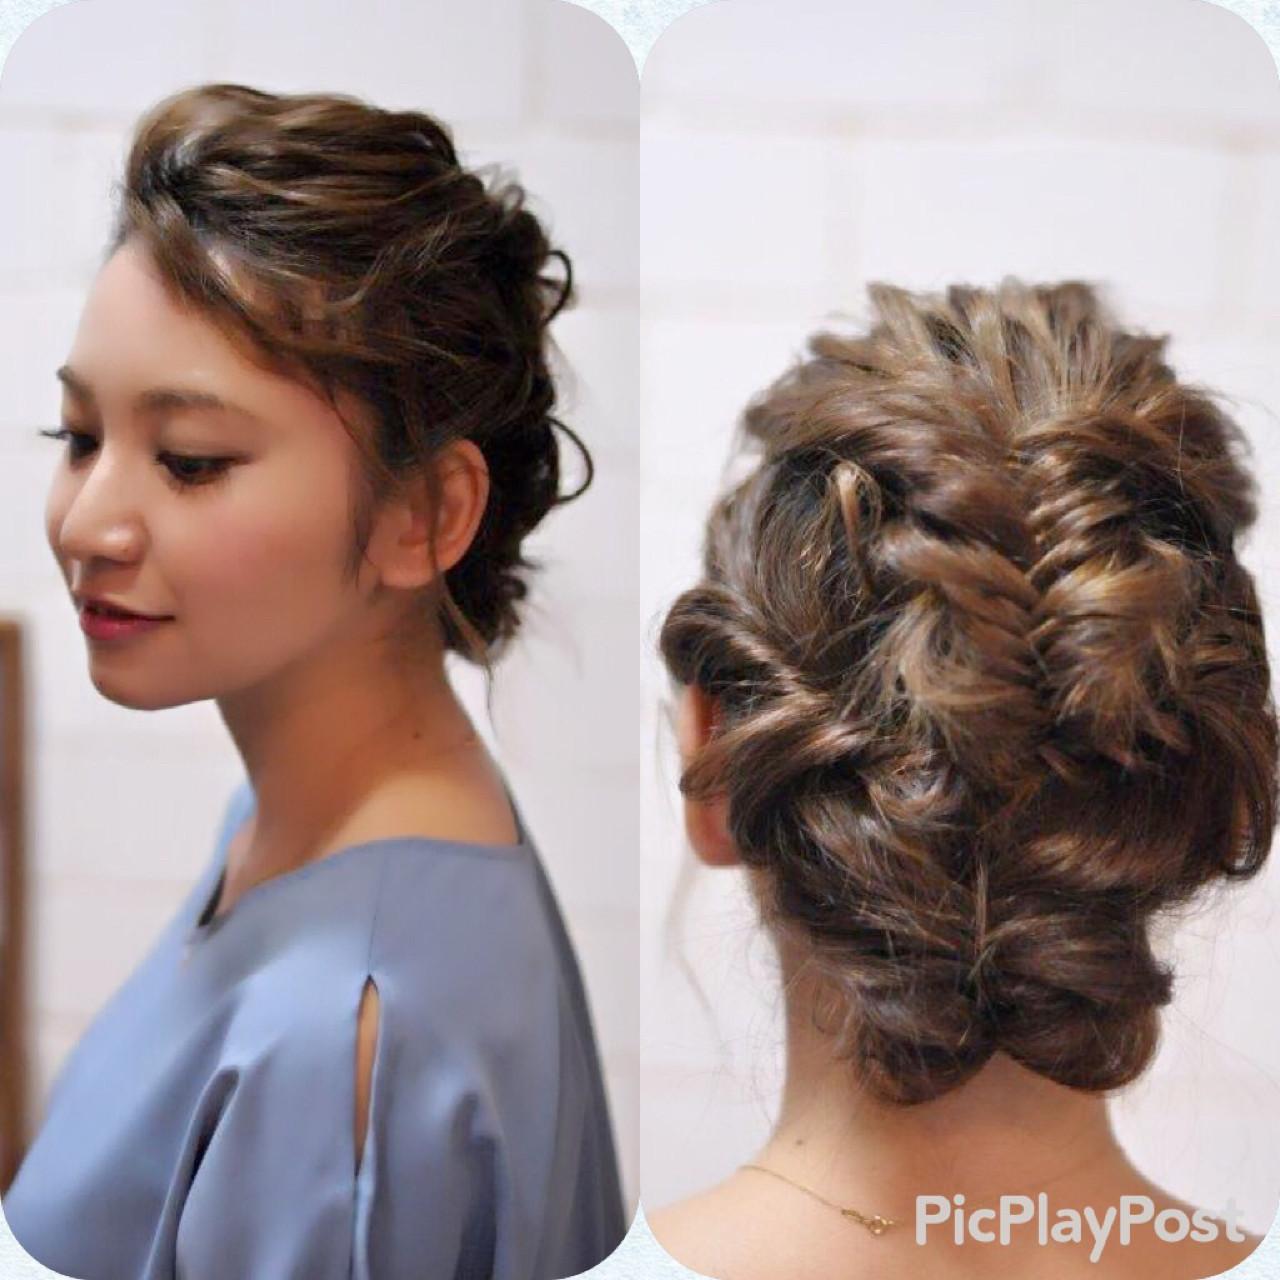 フィッシュボーン ヘアアレンジ デート 結婚式 ヘアスタイルや髪型の写真・画像